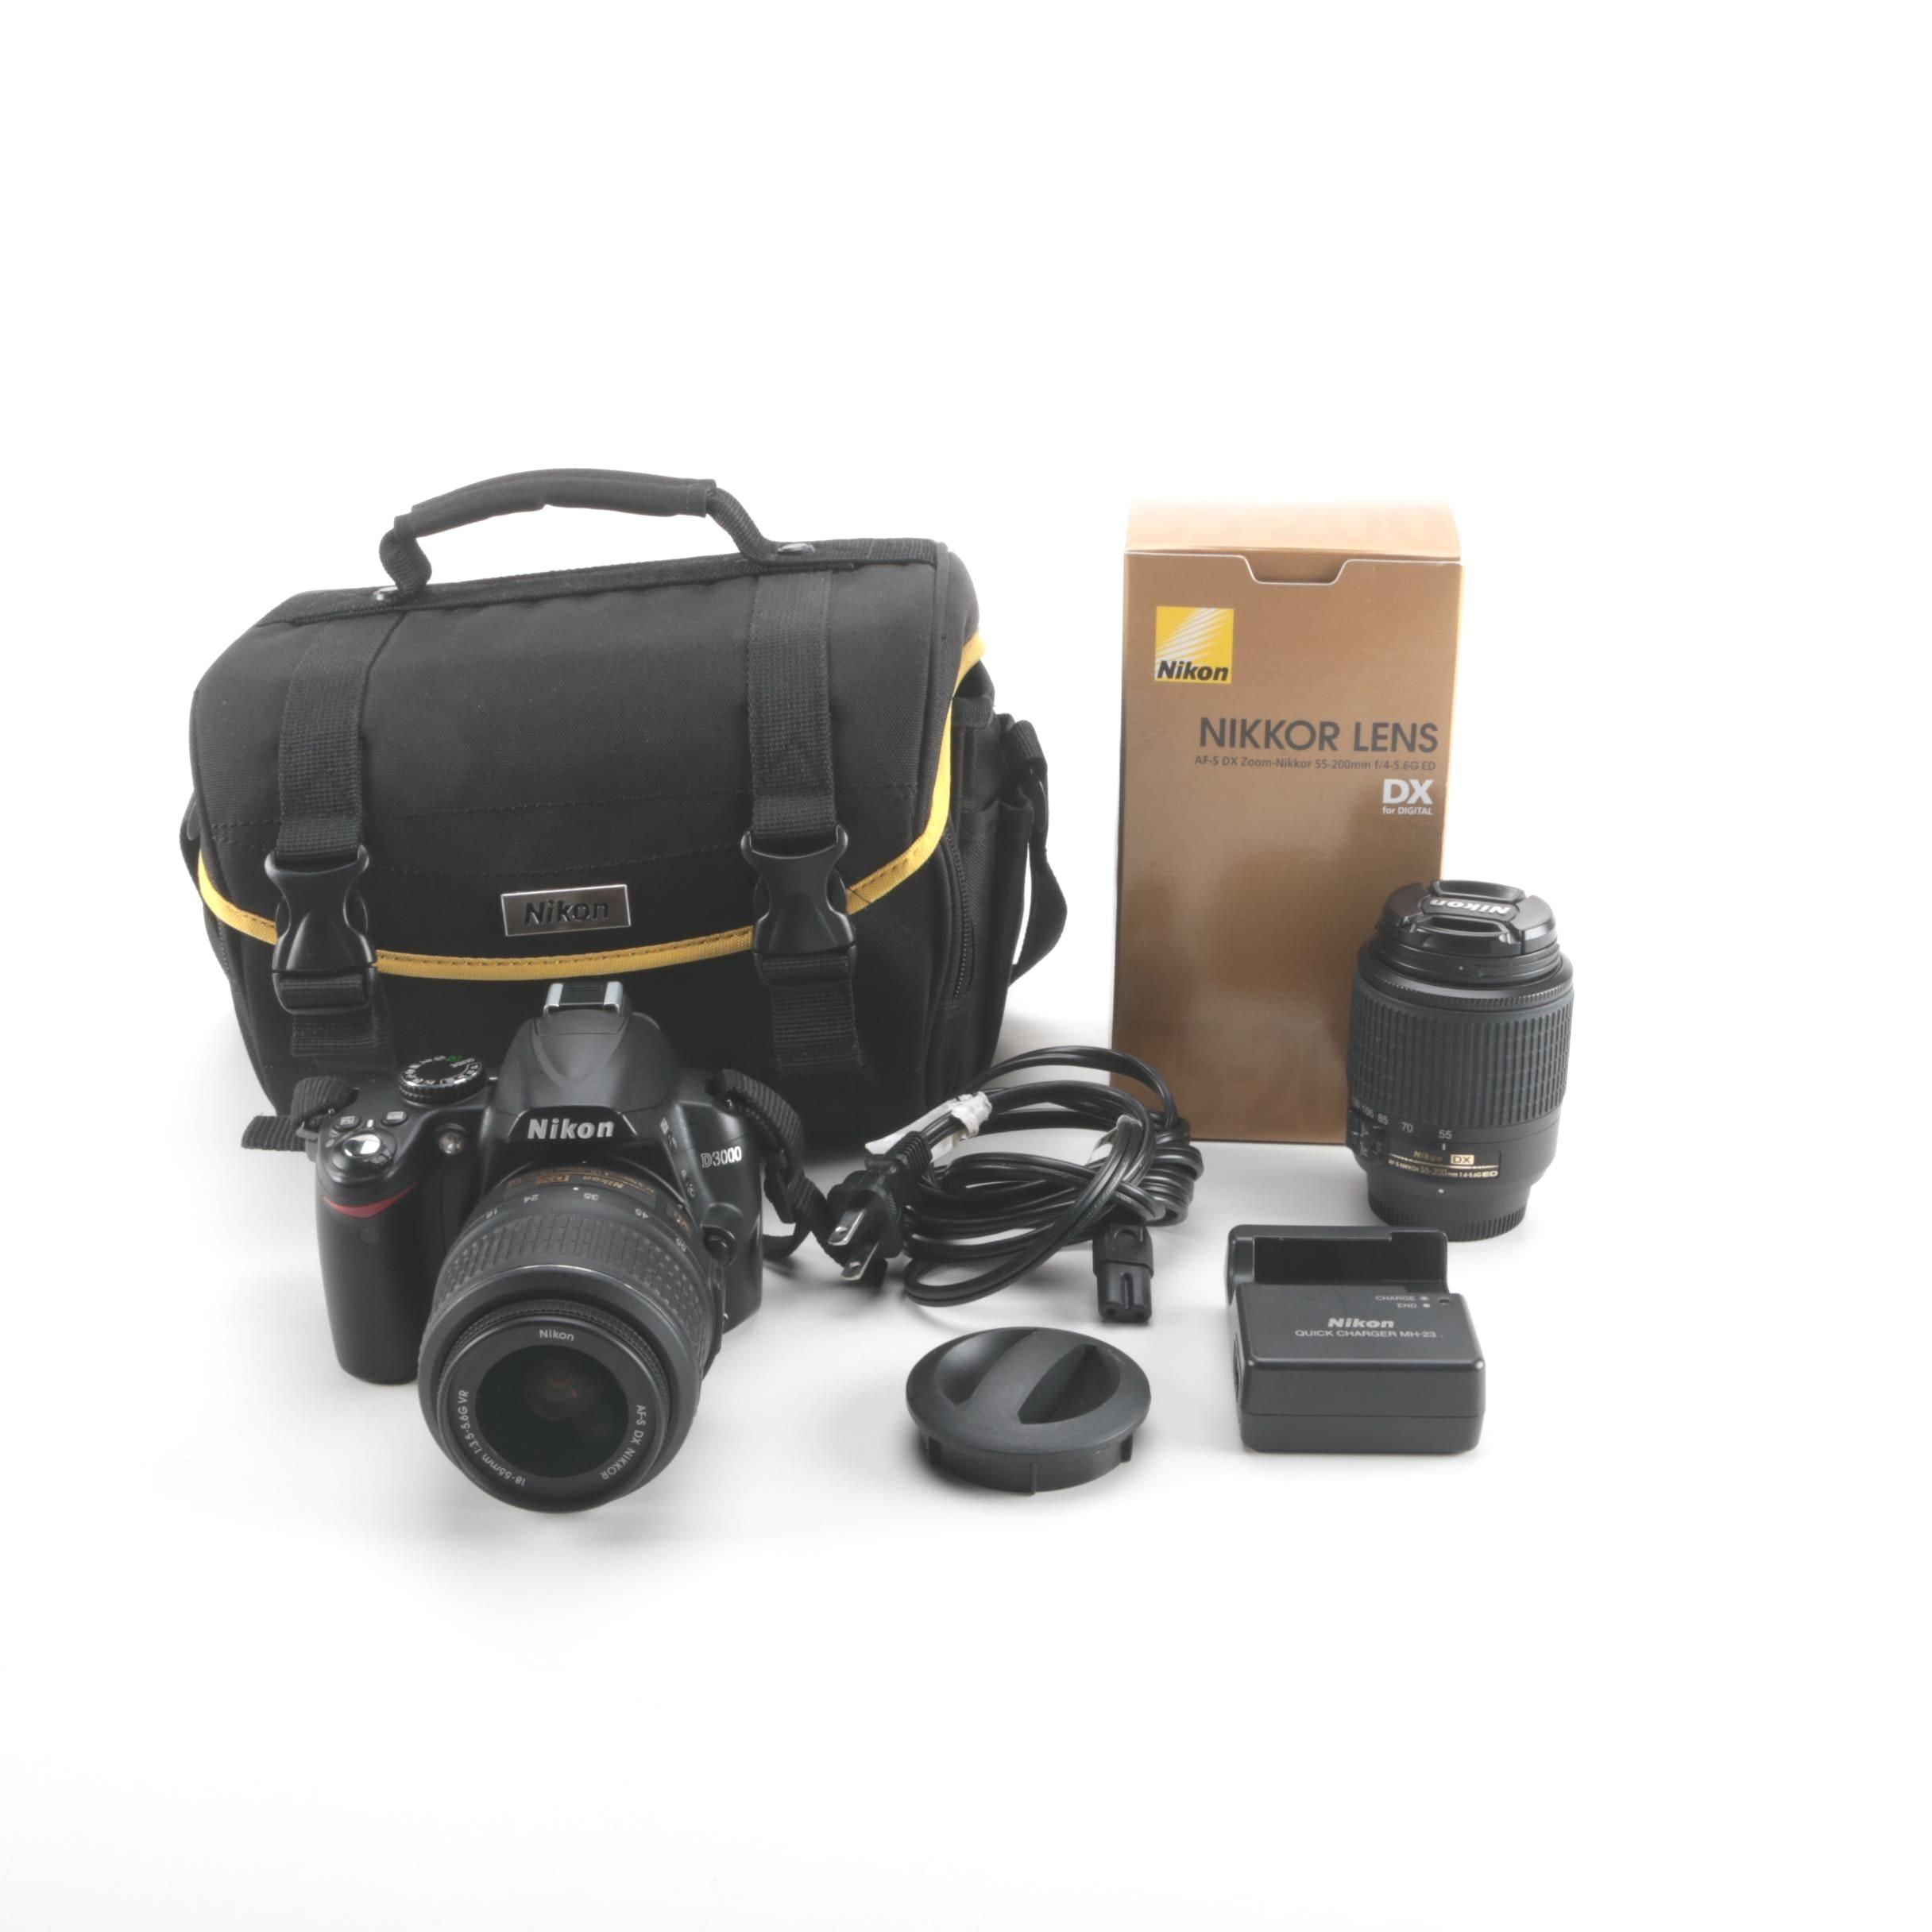 Nikon D3000 DSLR Kit